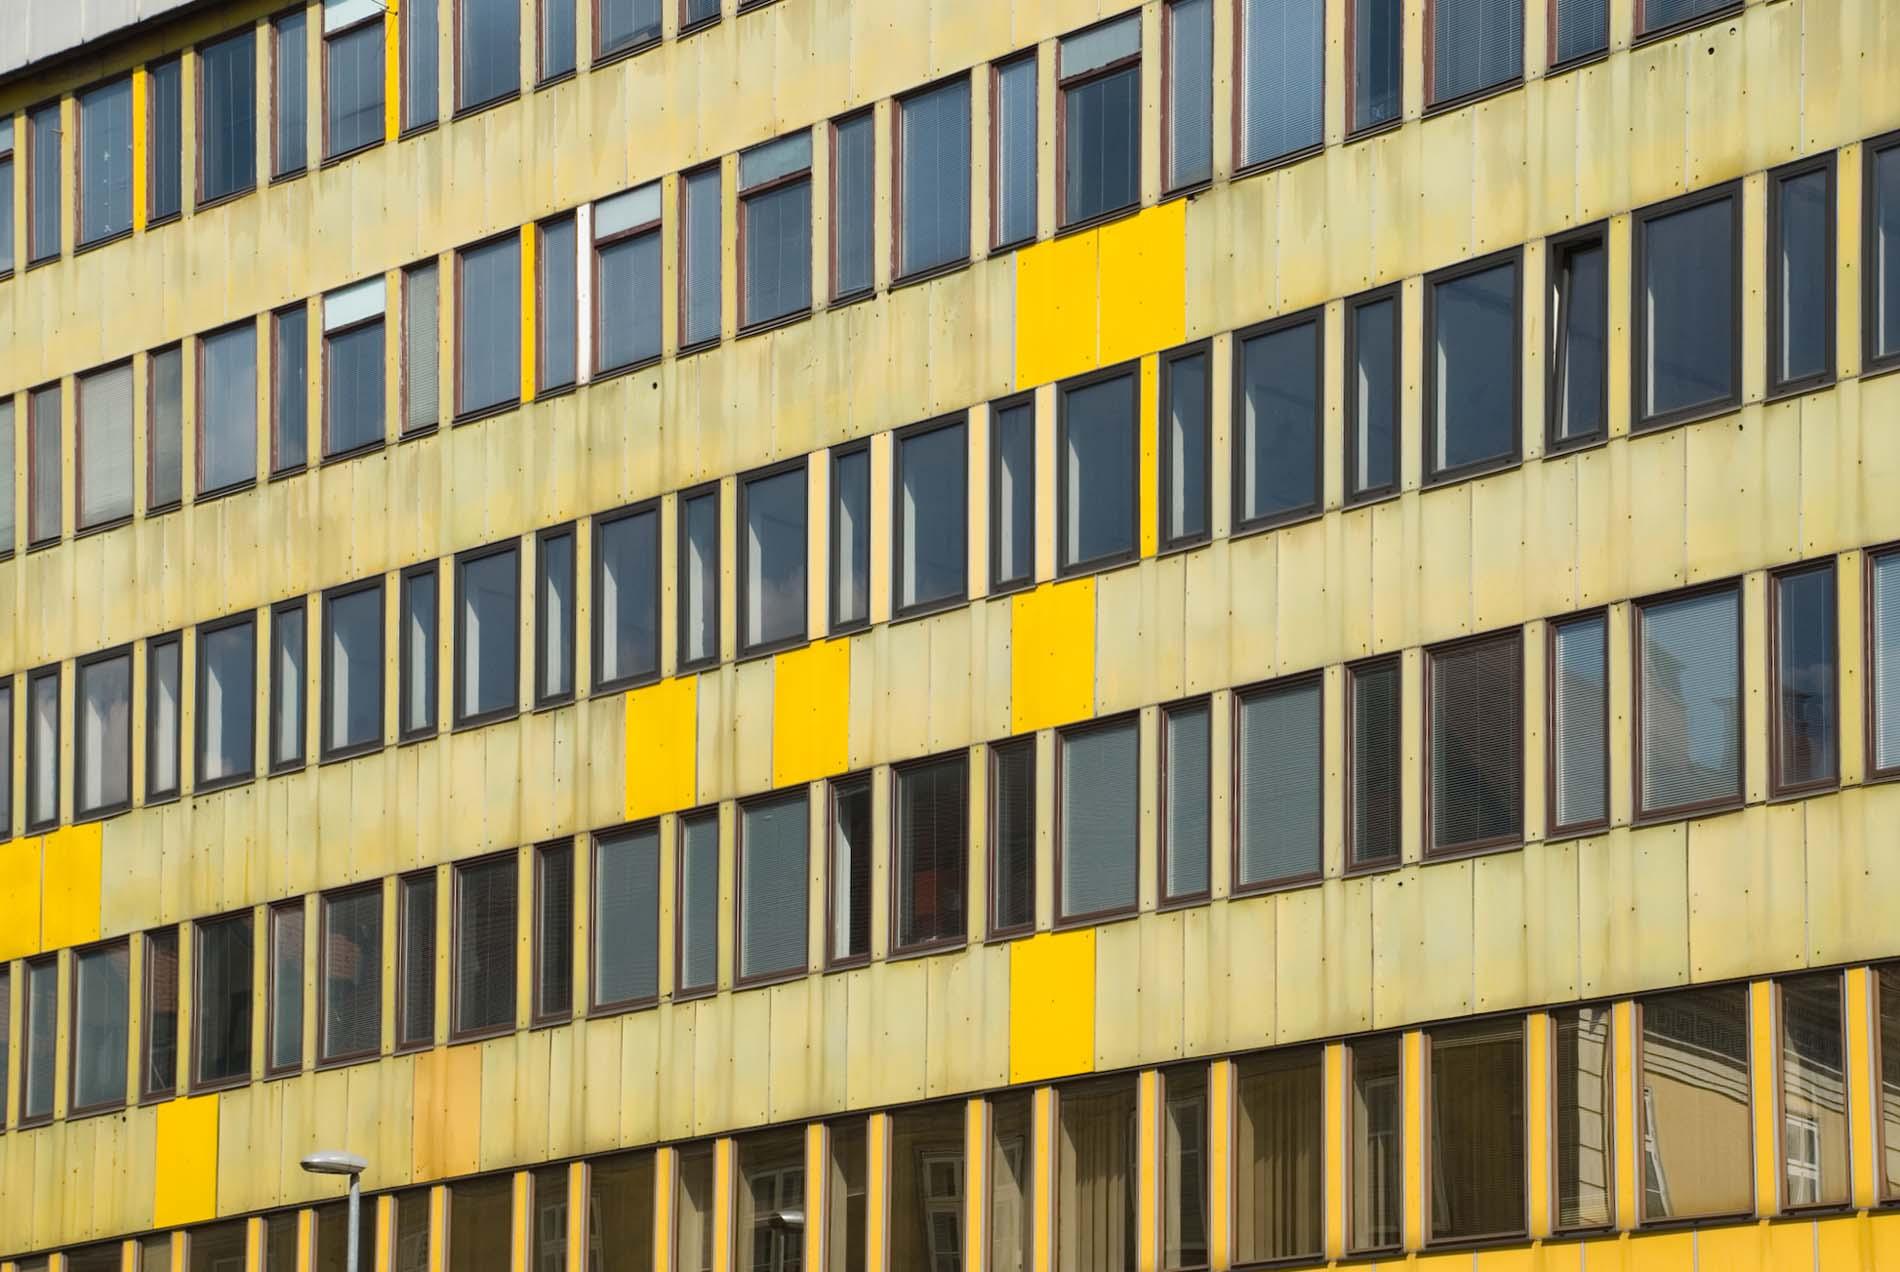 Cover kunst ljubljana slowenien the link auf reisen mit architektur im stadtleben - Hightech architektur ...